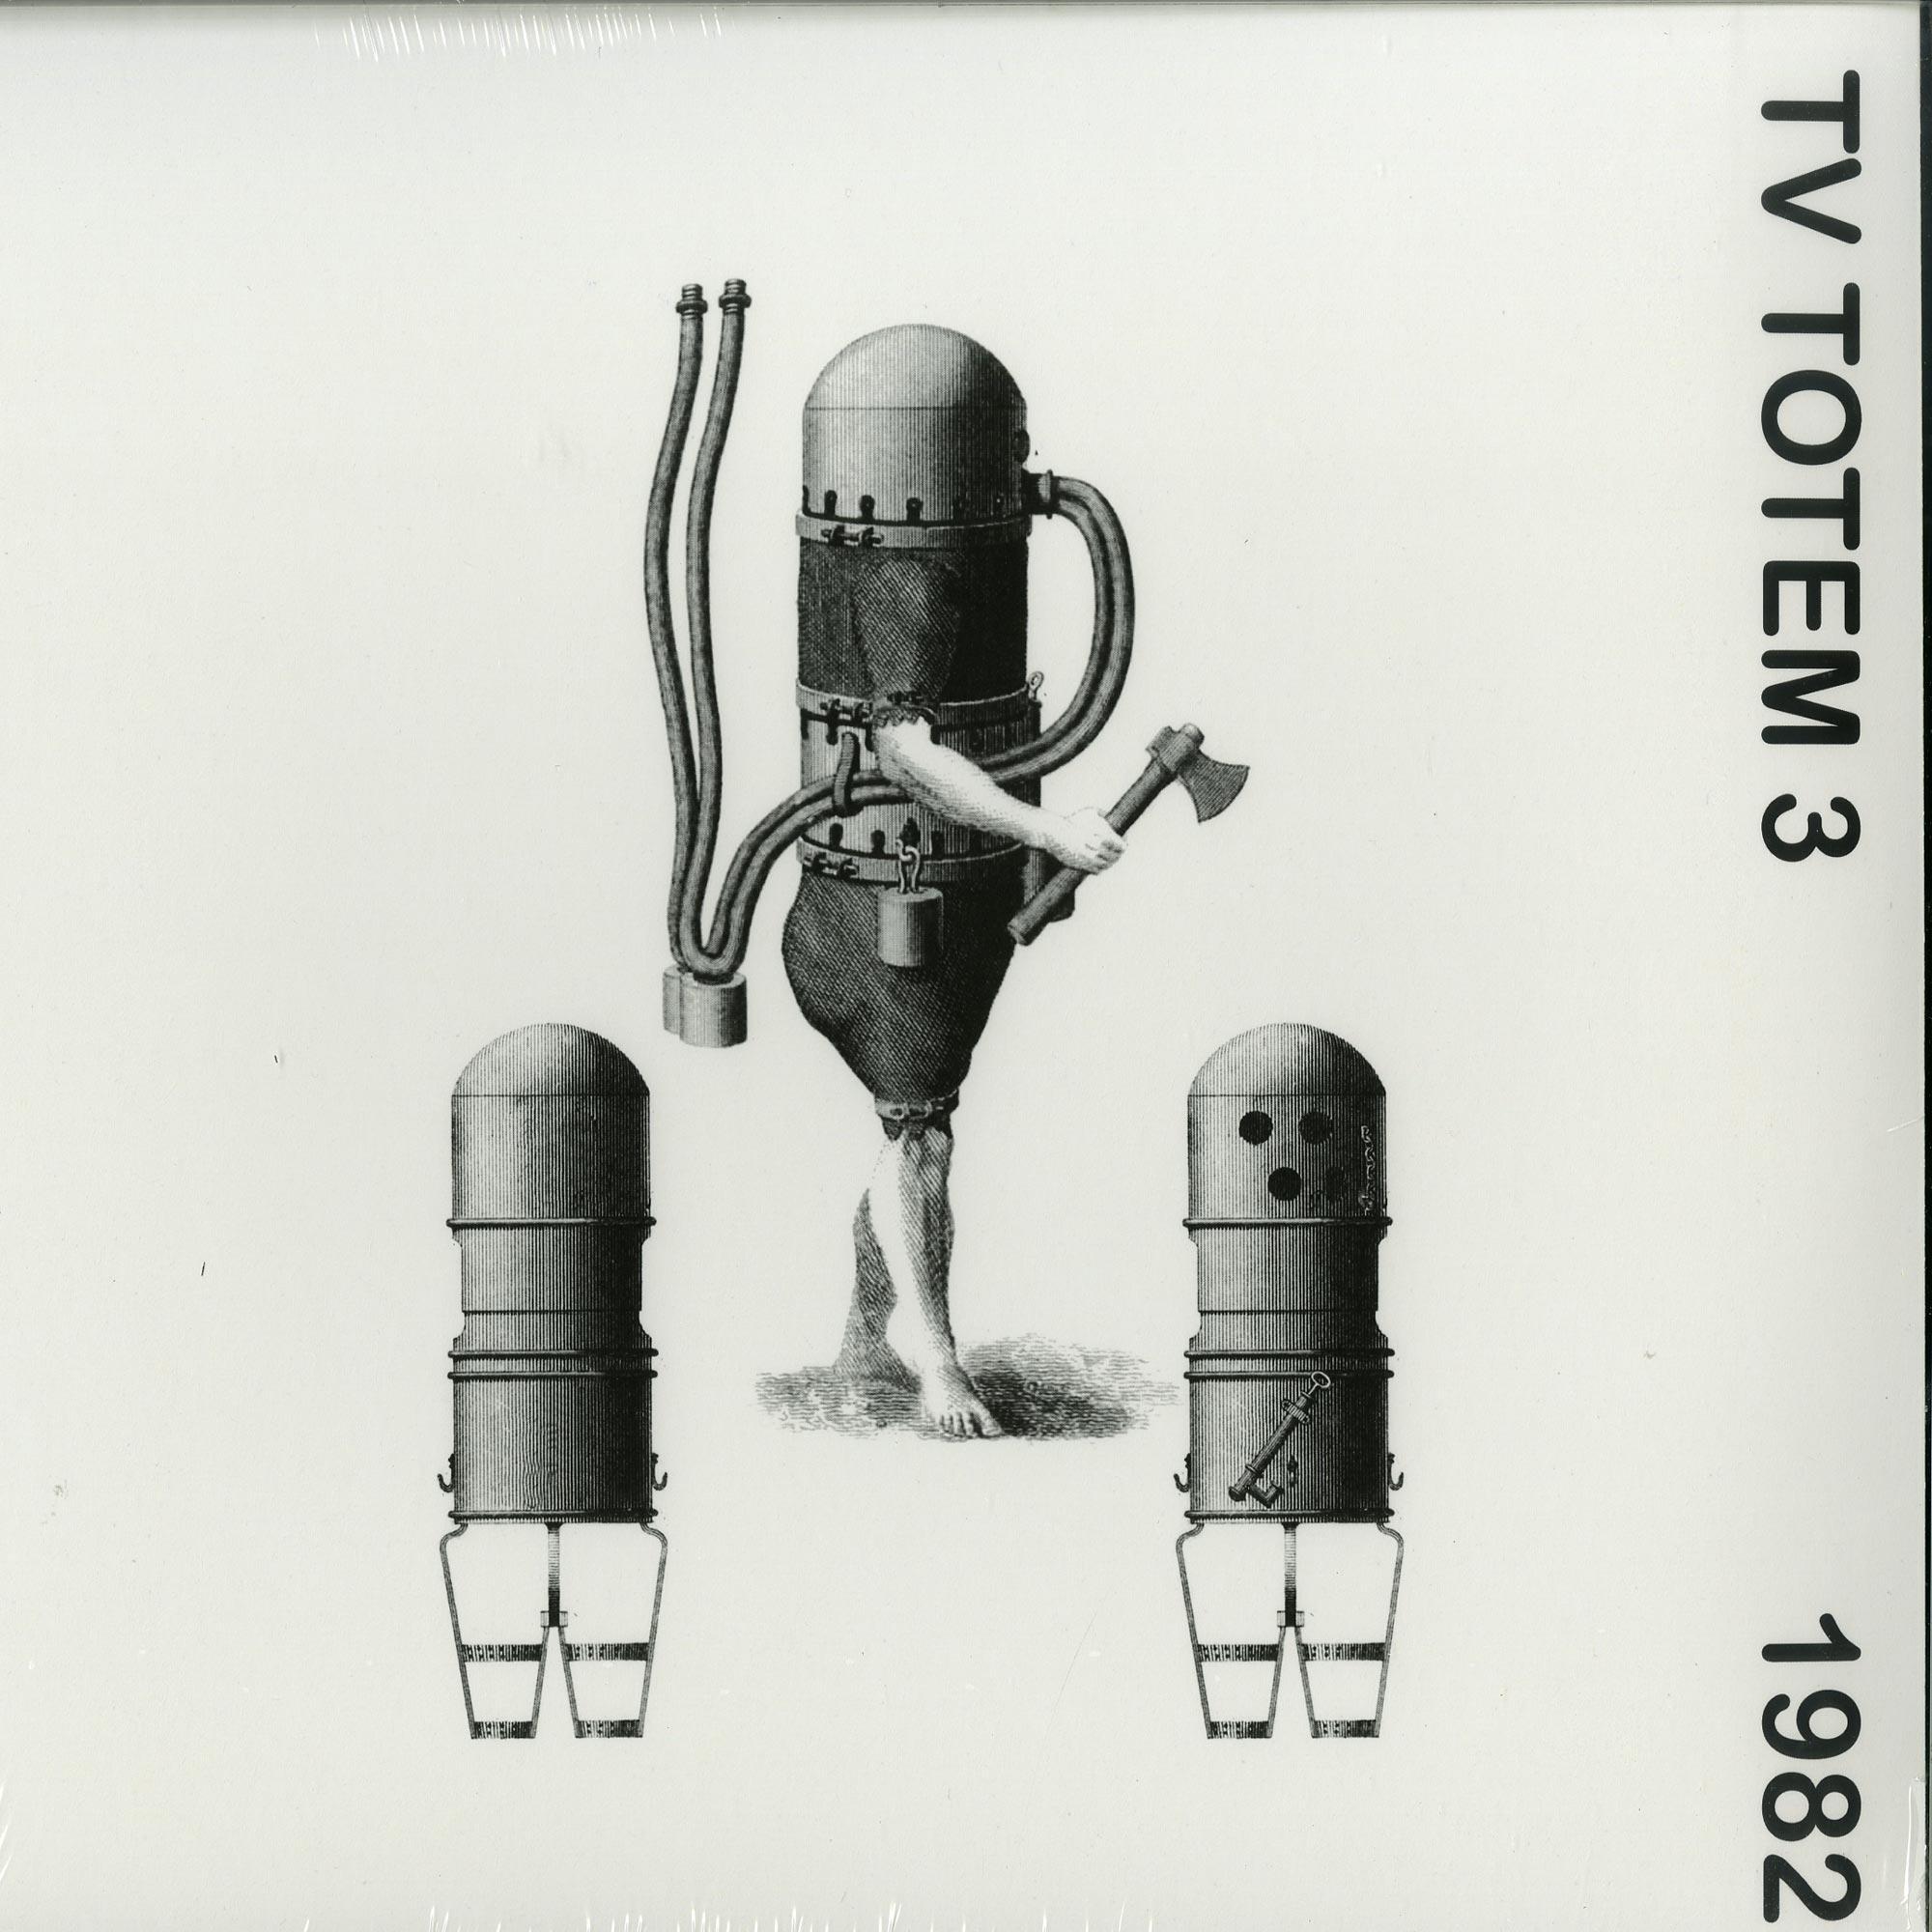 TV Totem - TV TOTEM 3